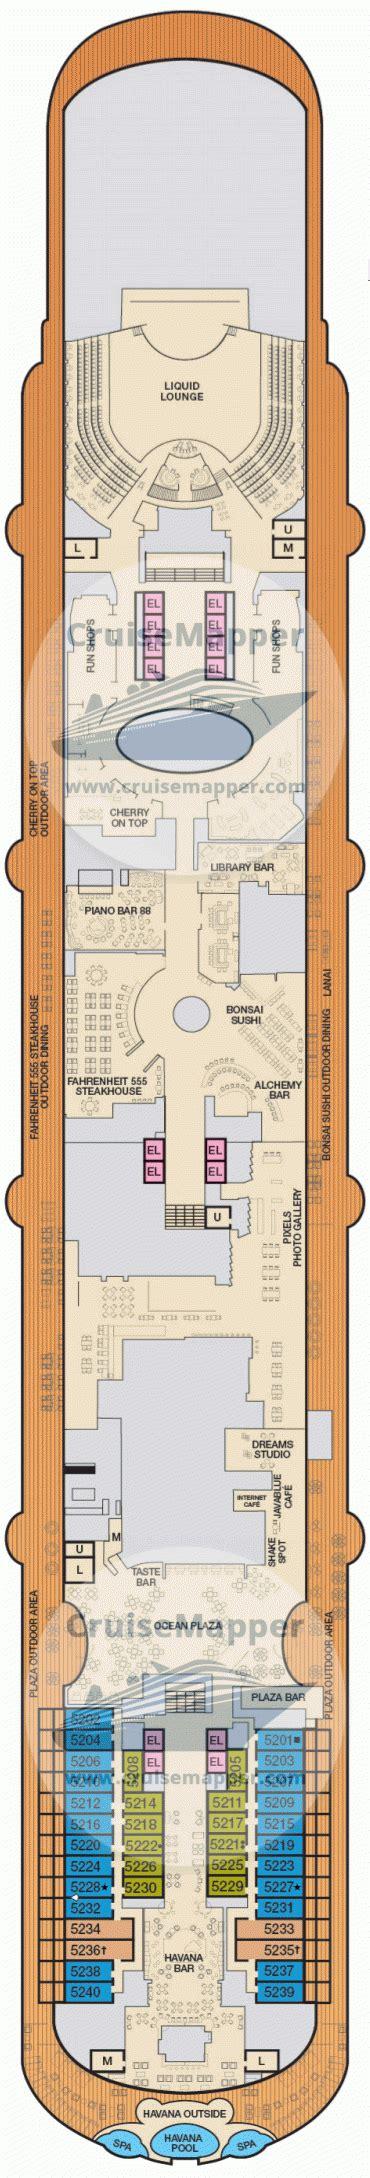 Evaa Home Design Center Miami by 100 Carnival Ecstasy Floor Plan Msc Armonia Deck